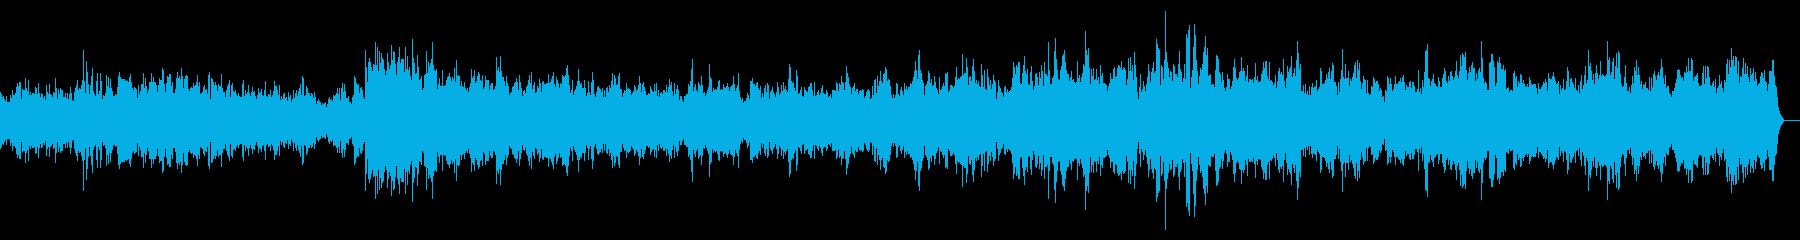 子どもたちがプールではしゃぐ声の再生済みの波形